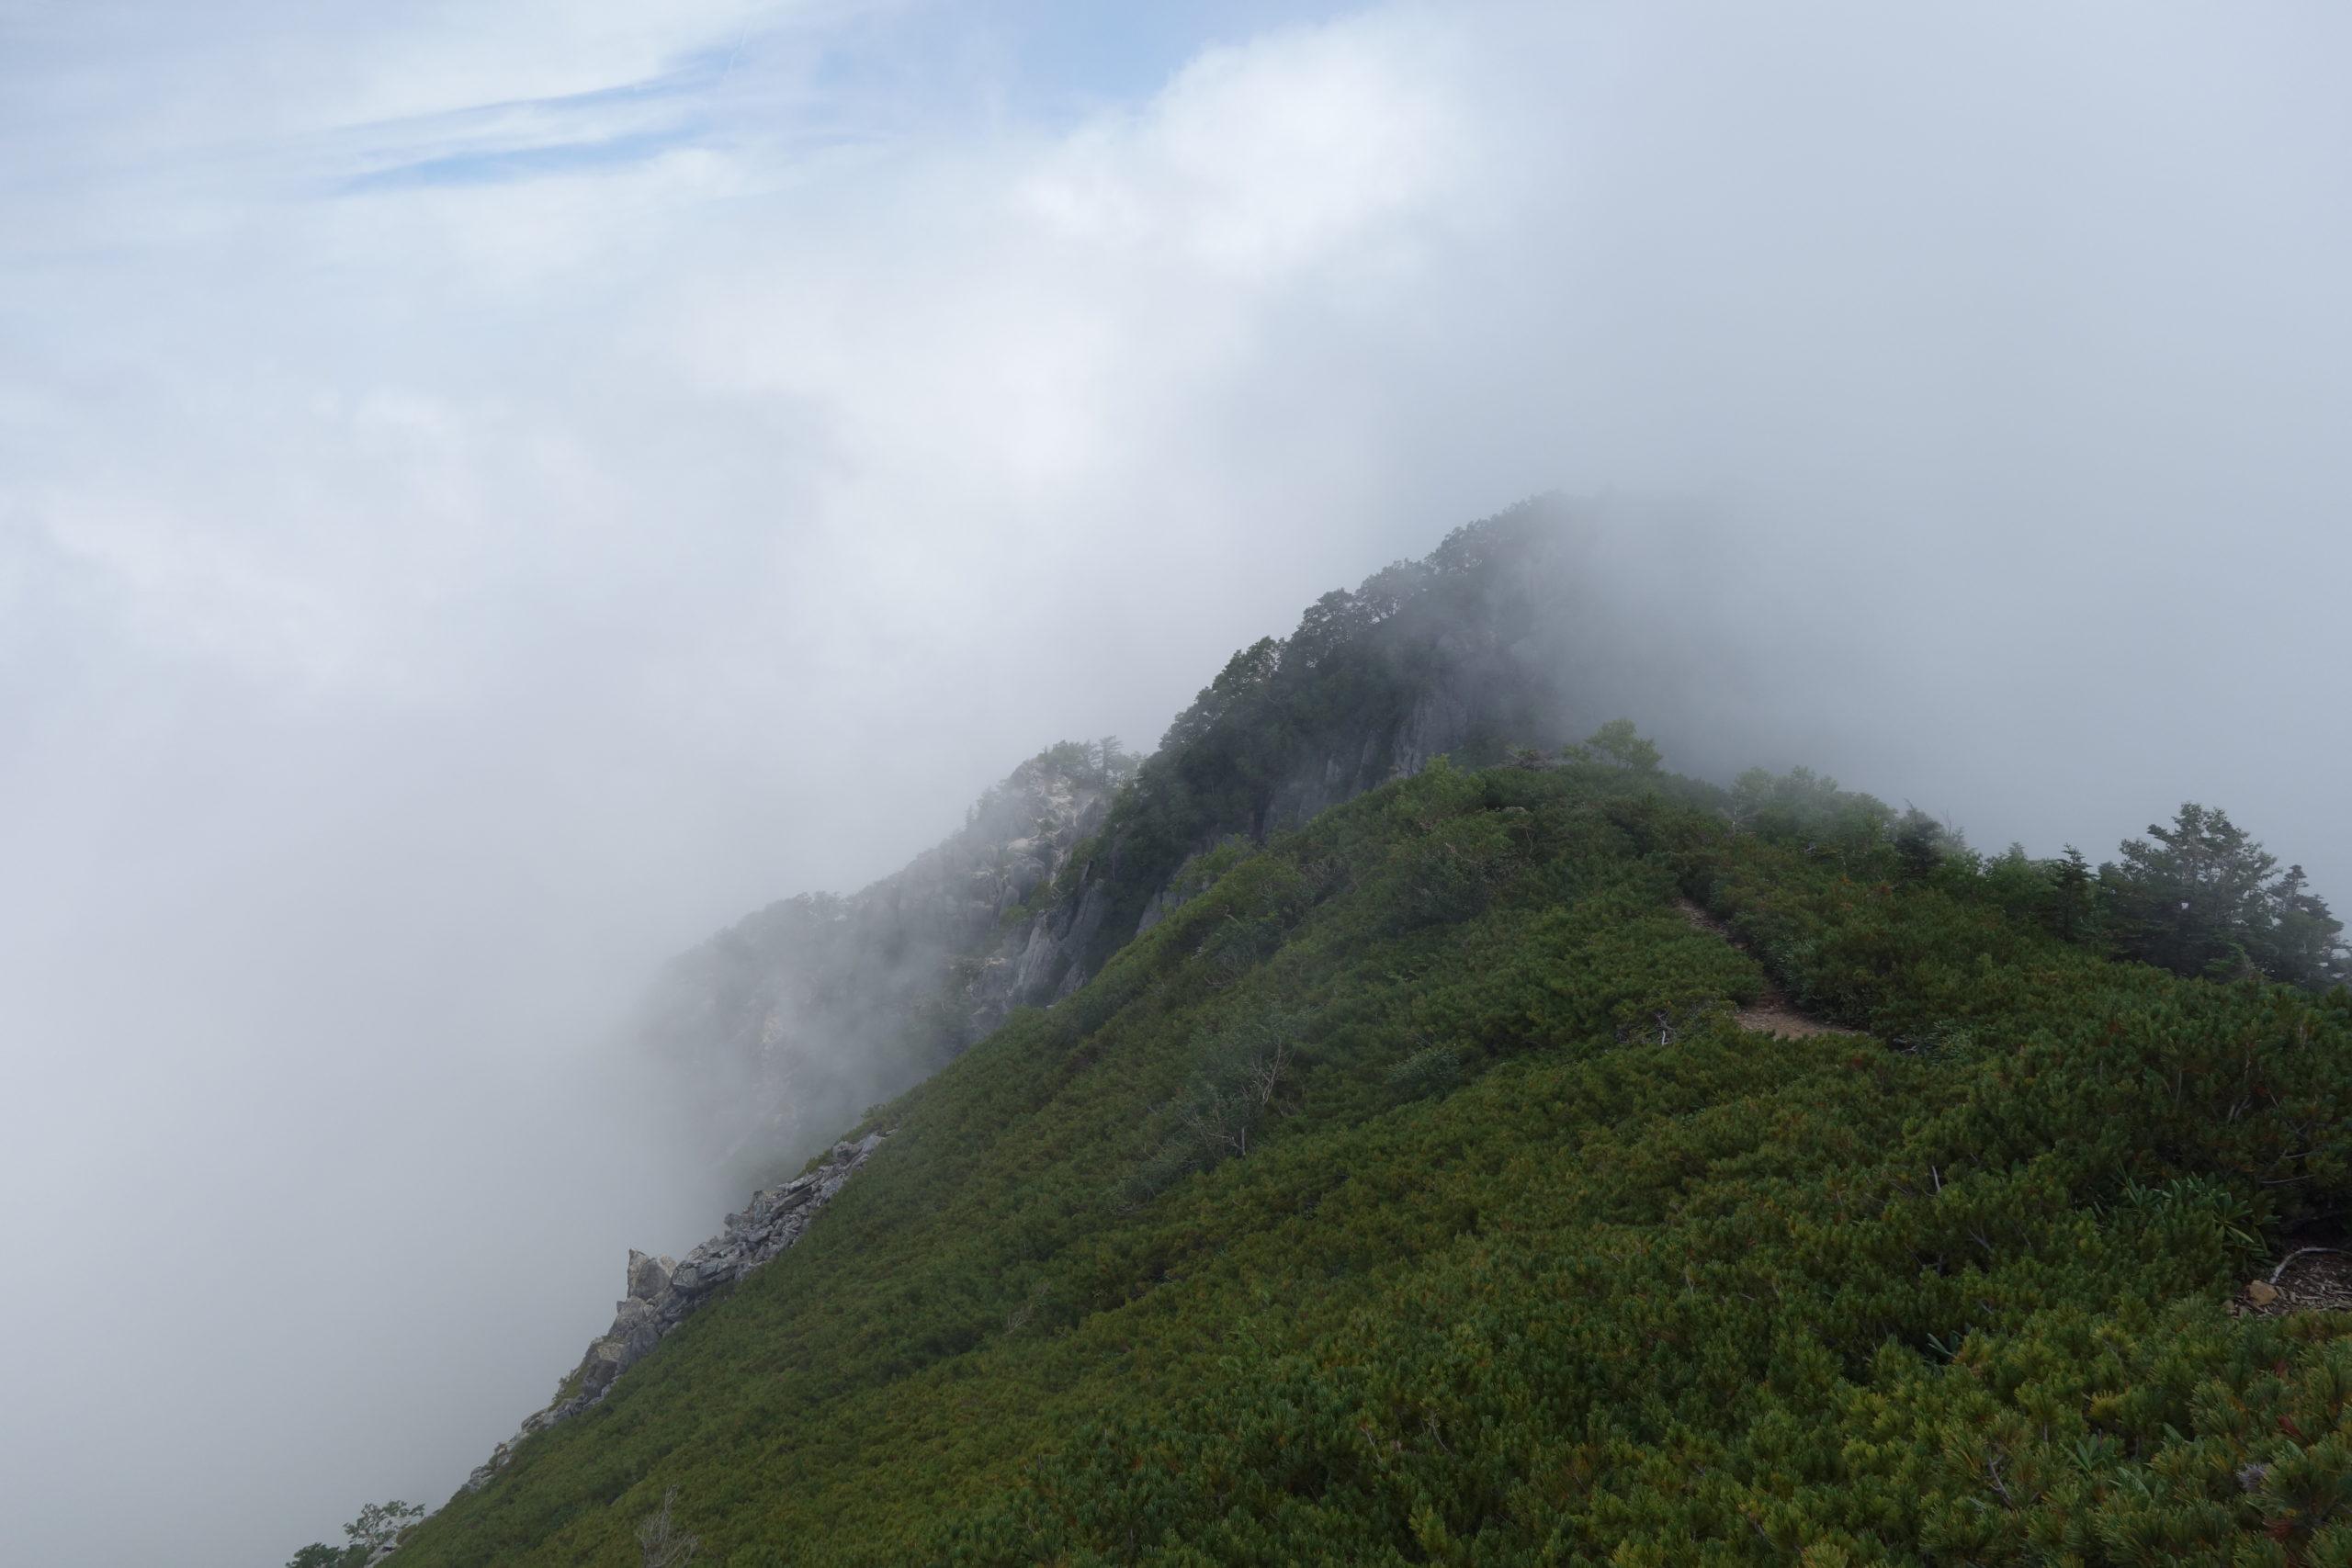 鳳凰三山地蔵岳 白凰峠〜高嶺〜地蔵岳